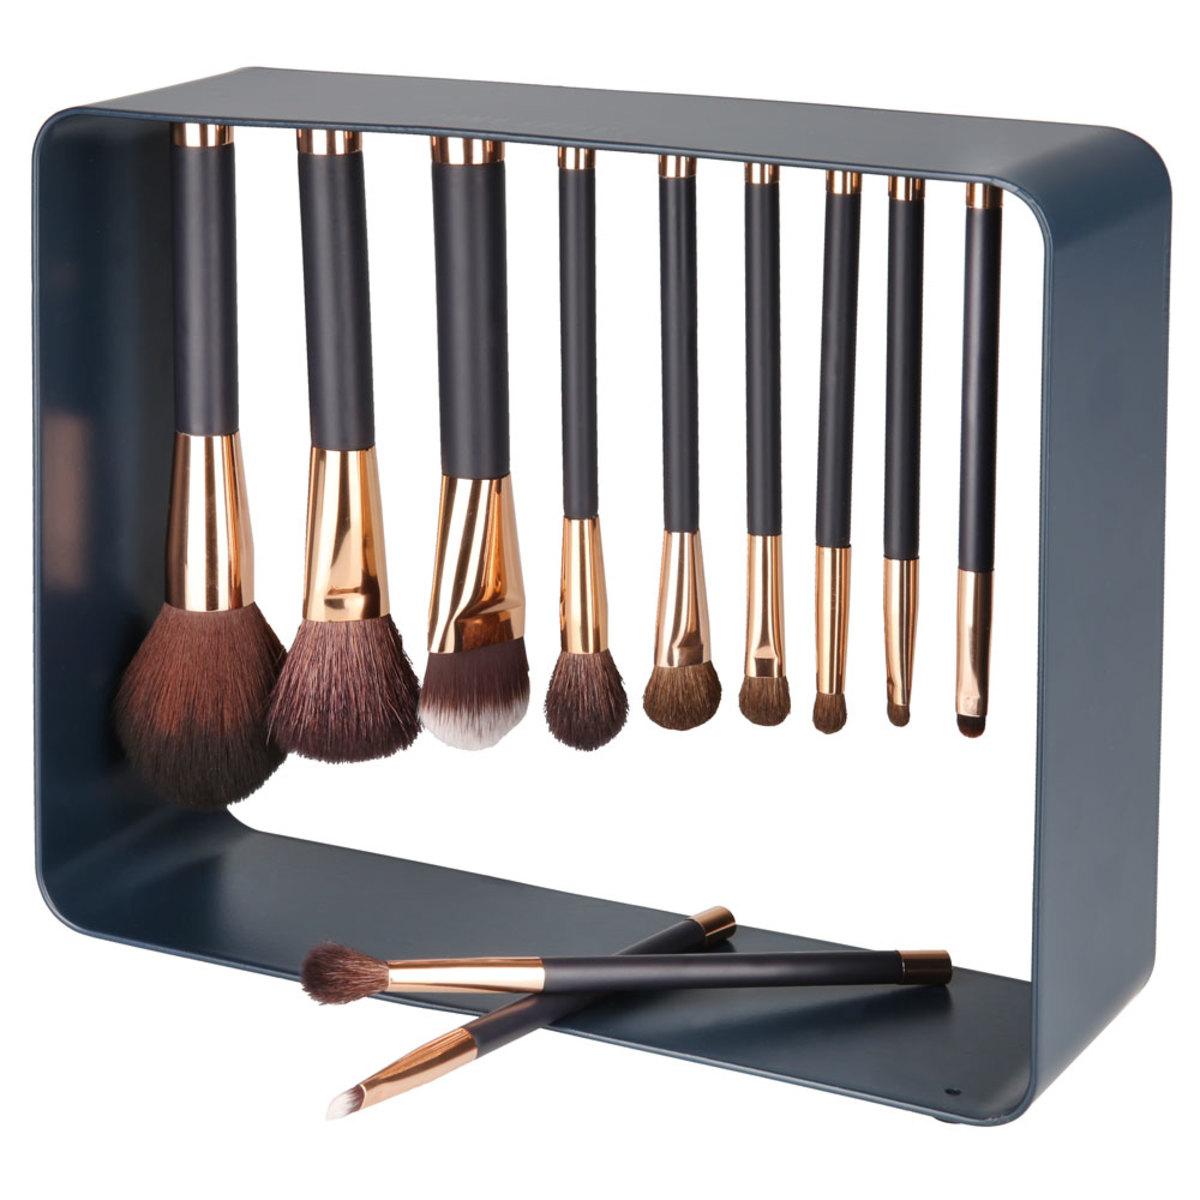 Bild 4 von Kosmetikpinsel-Set mit Magnet, 12-teilig